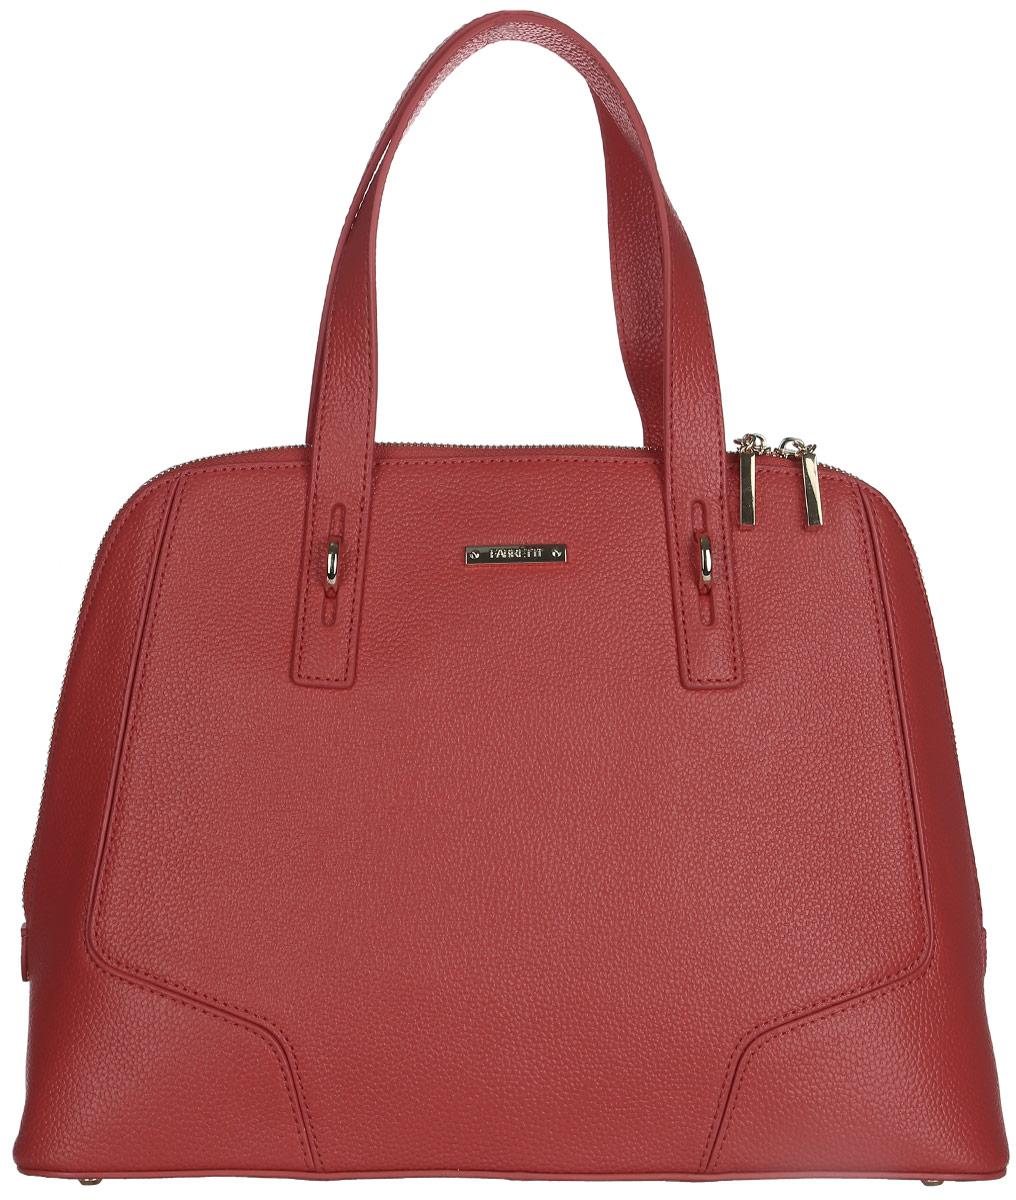 Сумка женская Fabretti, цвет: красный. N2546N2546-redСтильная женская сумка Fabretti выполнена из натуральной кожи с фактурным тиснением. Изделие содержит одно большое отделение, которое закрывается на застежку-молнию с двумя бегунками. Внутри расположено два накладных кармашка для мелочей и два врезных кармана на молнии. Снаружи, на задней стороне сумки, расположен врезной карман на застежке-молнии. Сумка оснащена удобными ручками и плечевым ремнем, который можно регулировать по длине. Дно сумки дополнено металлическими ножками. Оригинальный аксессуар позволит вам завершить образ и быть неотразимой.